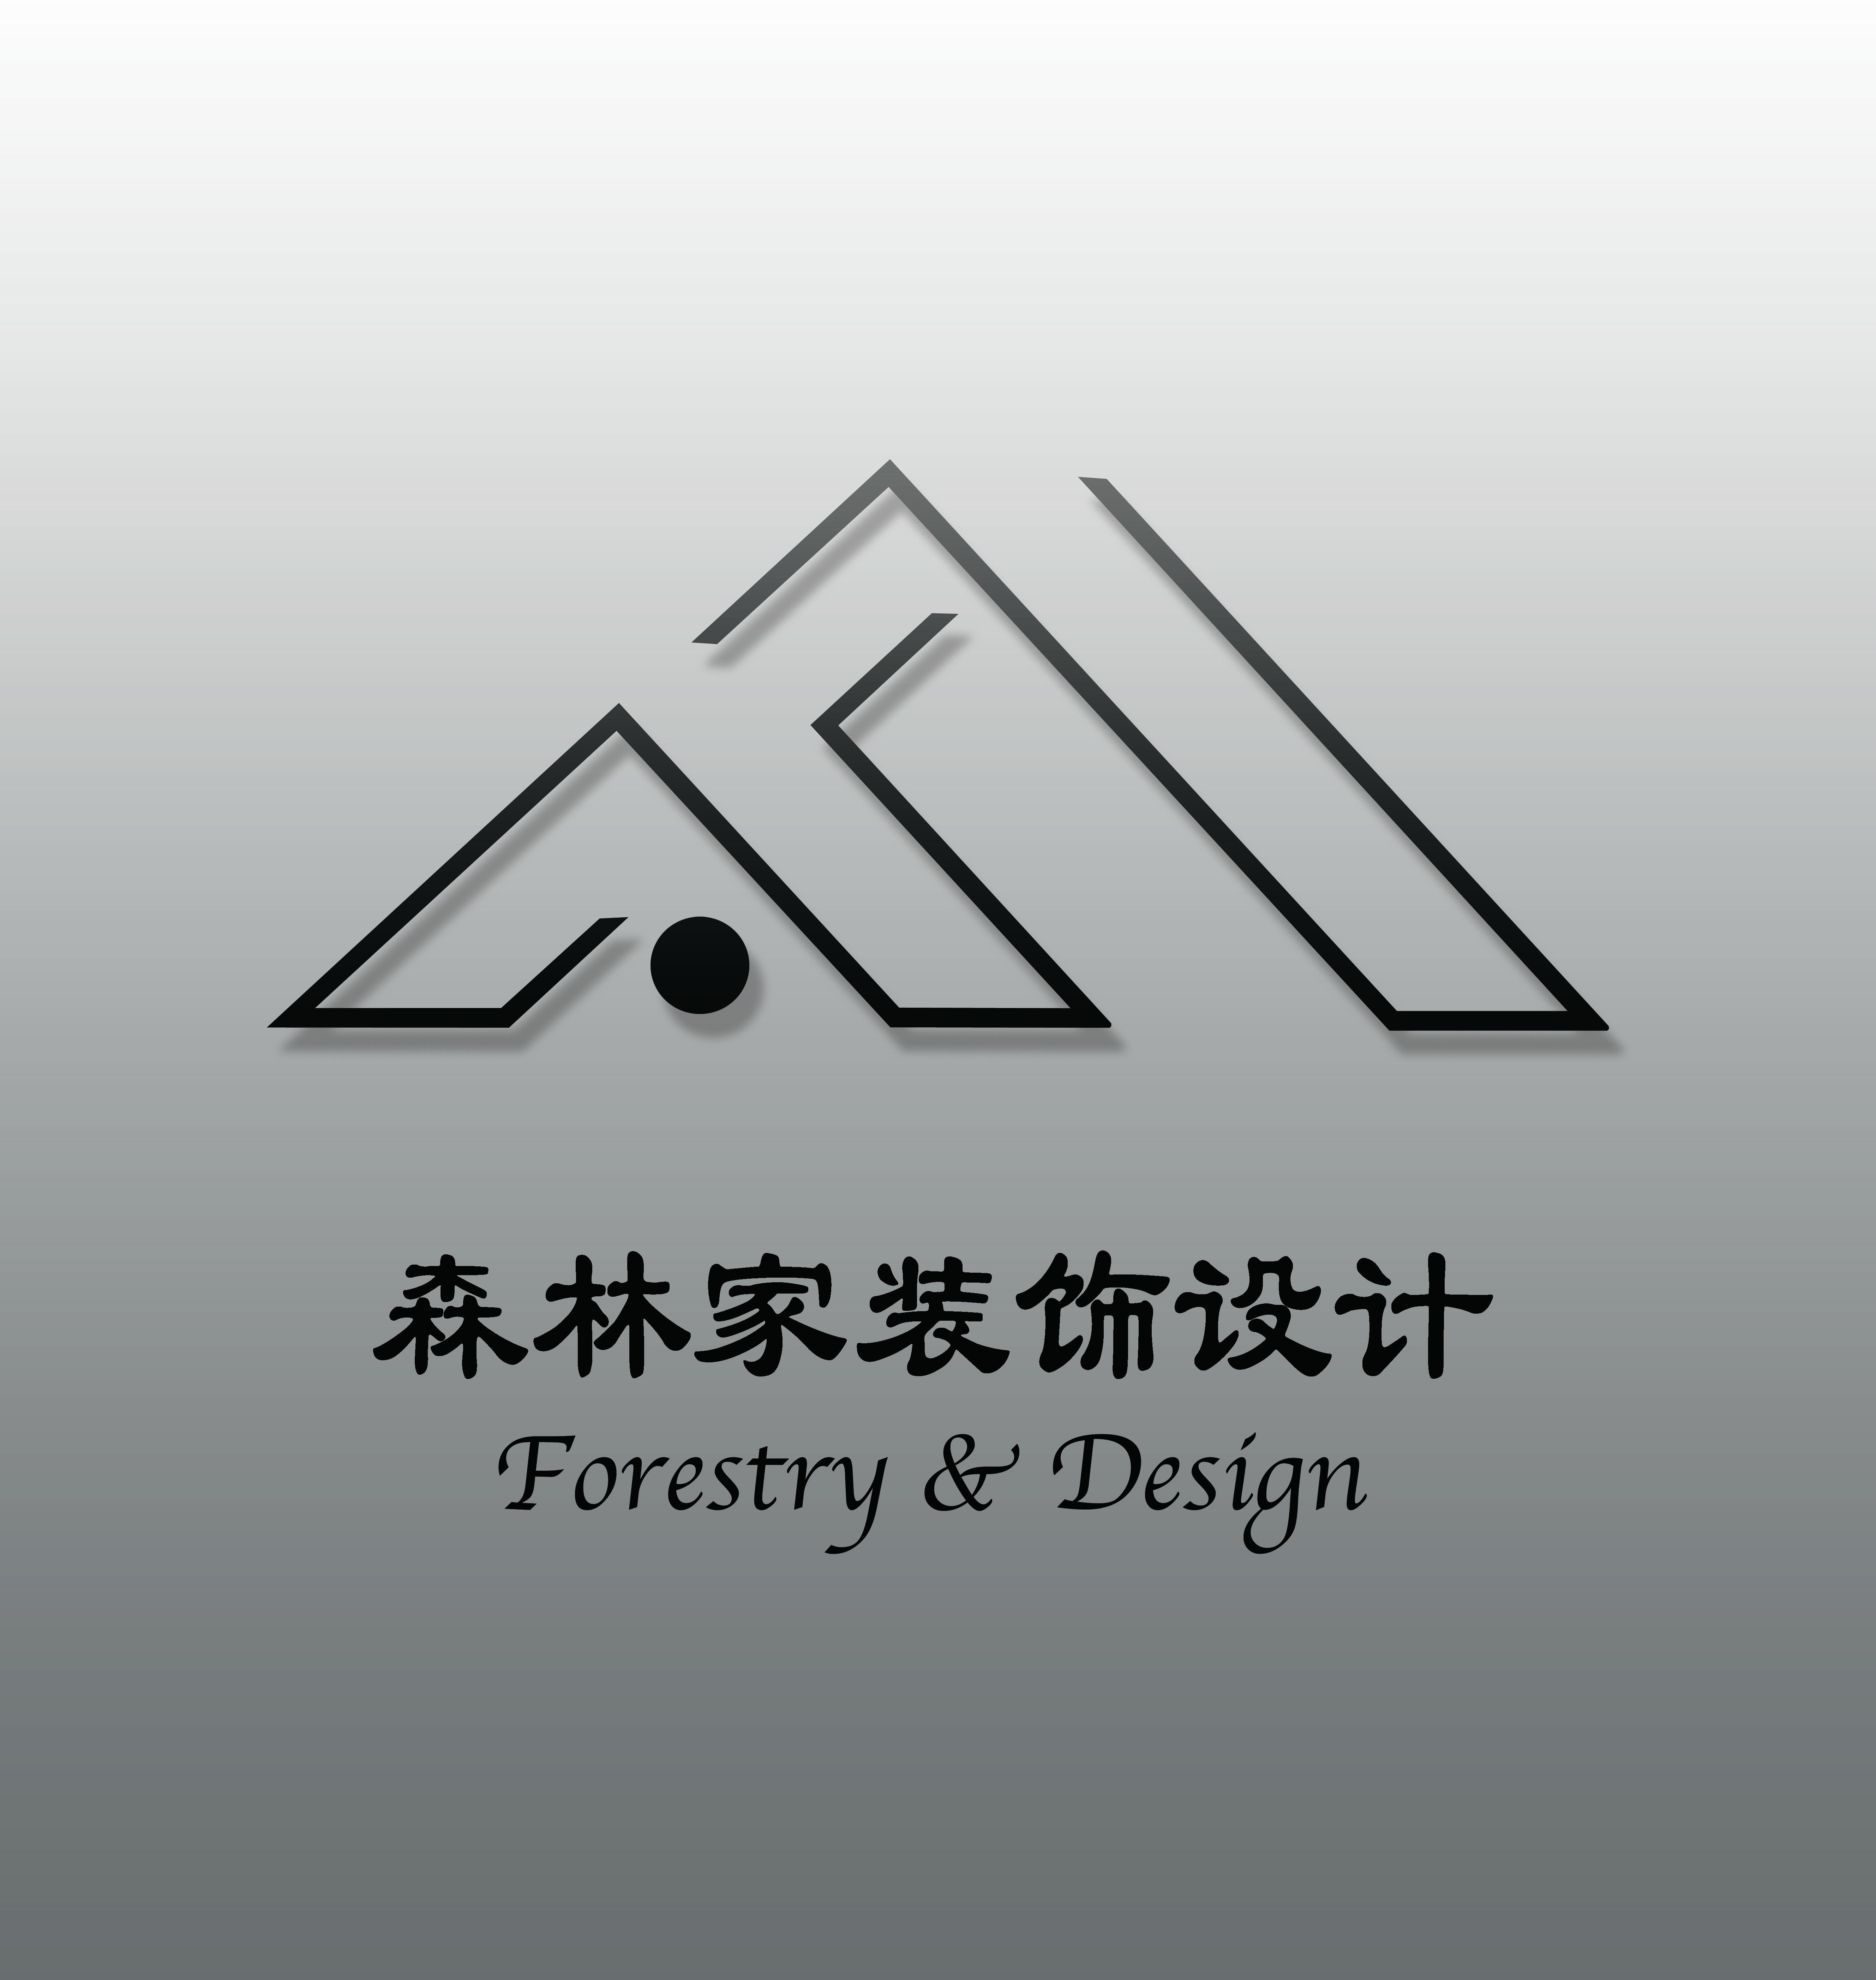 森林家装饰设计